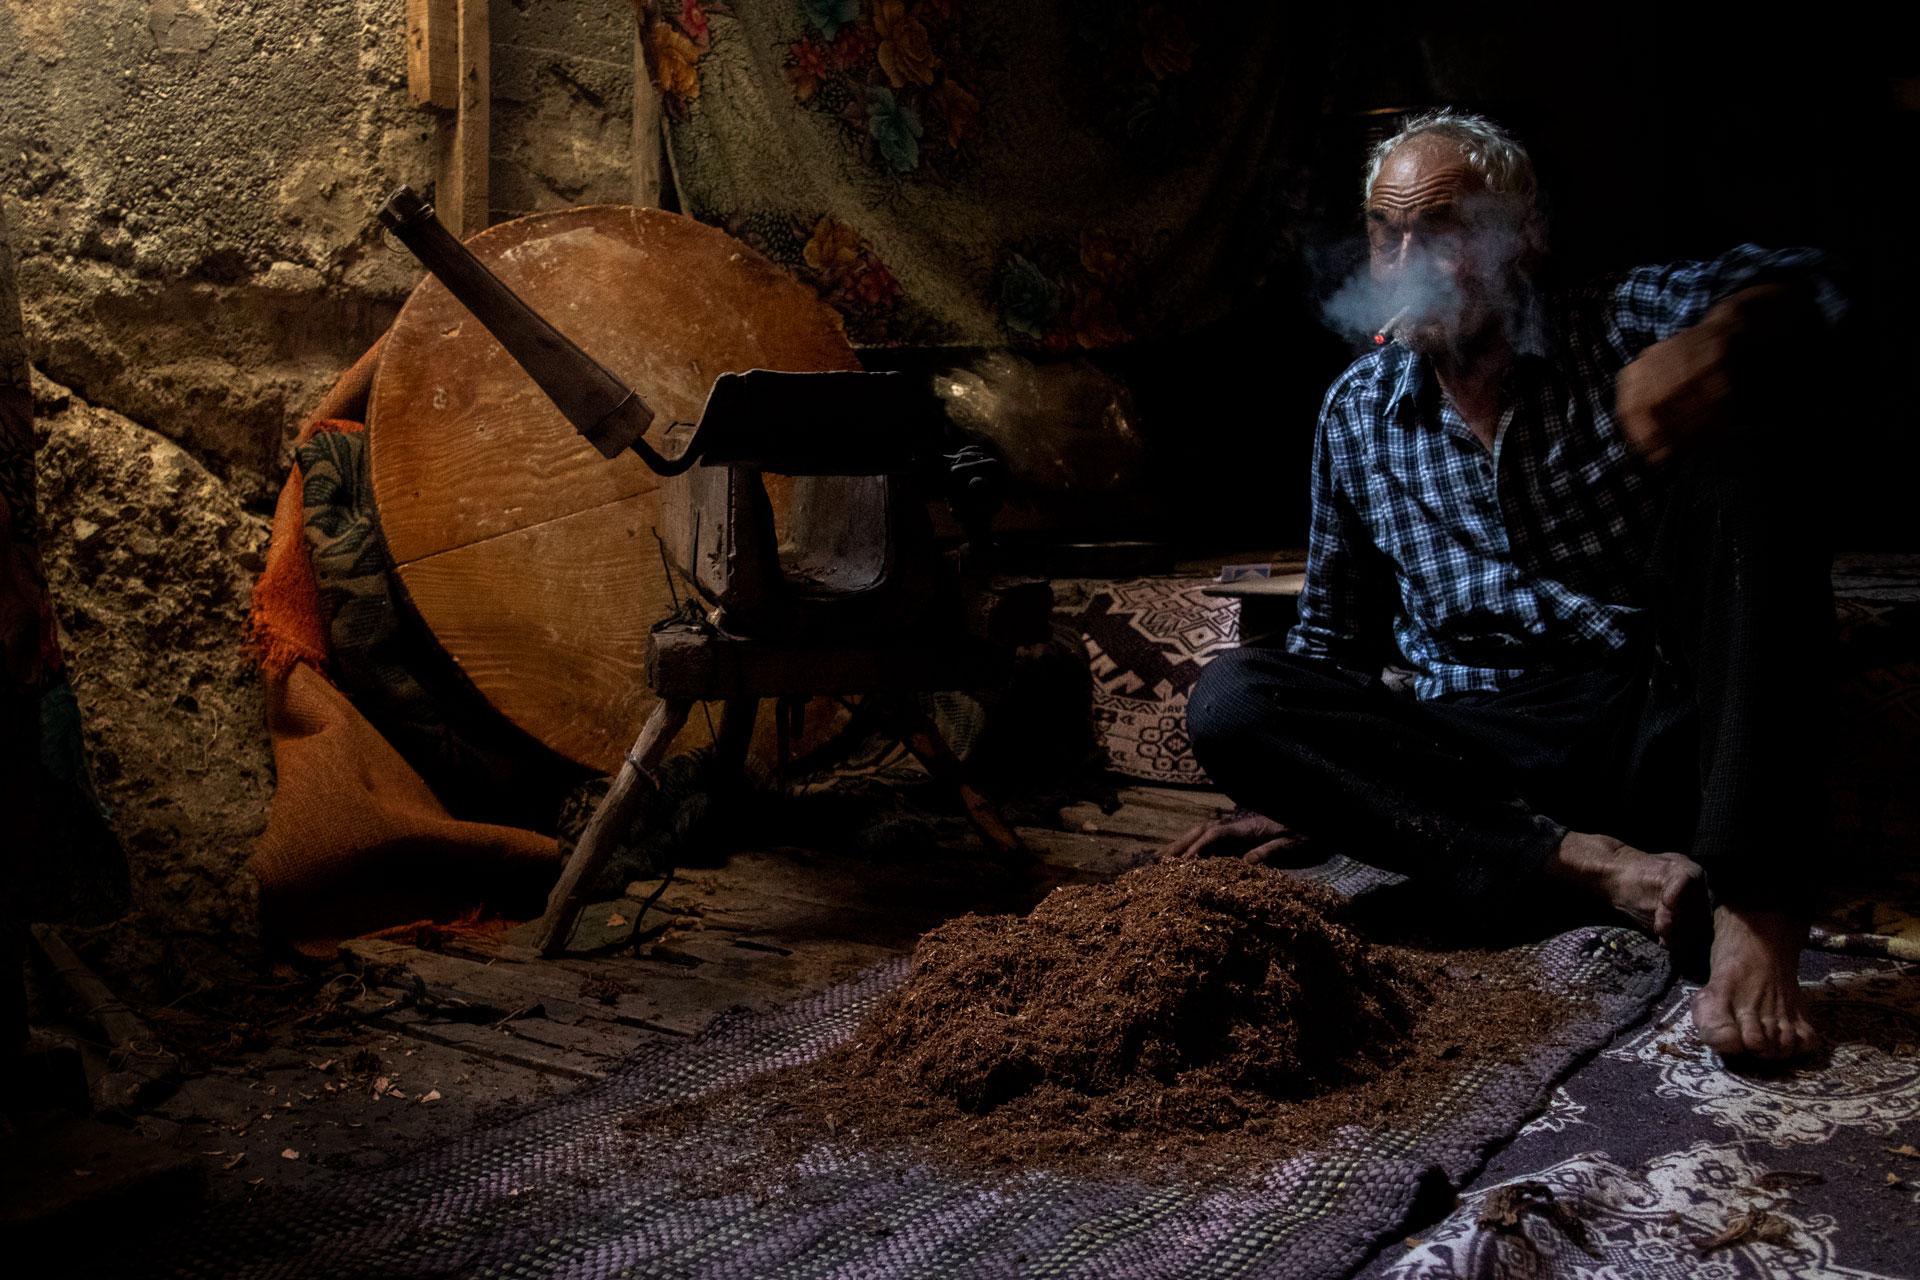 Tütün sarma Bağsaray Köyü Burdur Çekergezer Hakan Aydın Fotoğrafları Gezgin Fotoğrafçı www.cekergezer.com